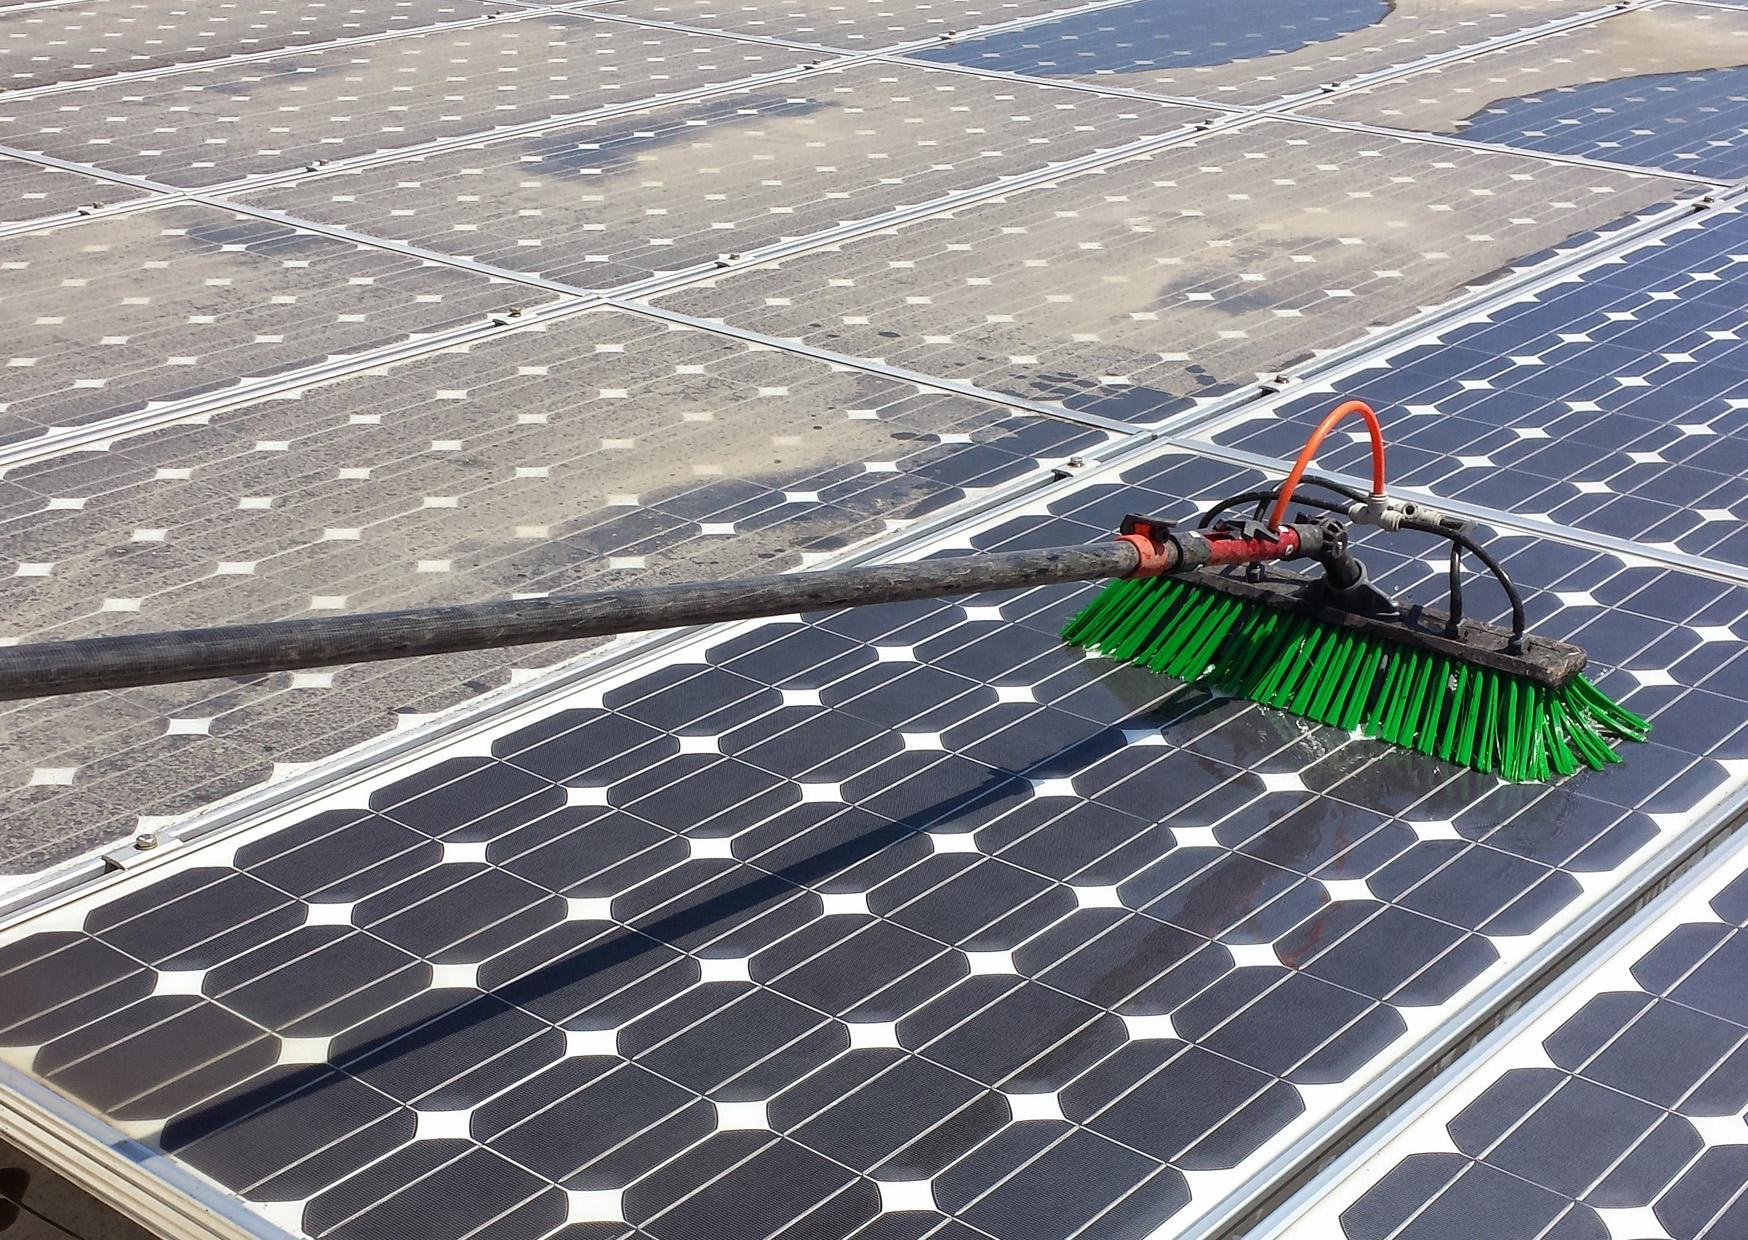 kibris solar panel temizligi